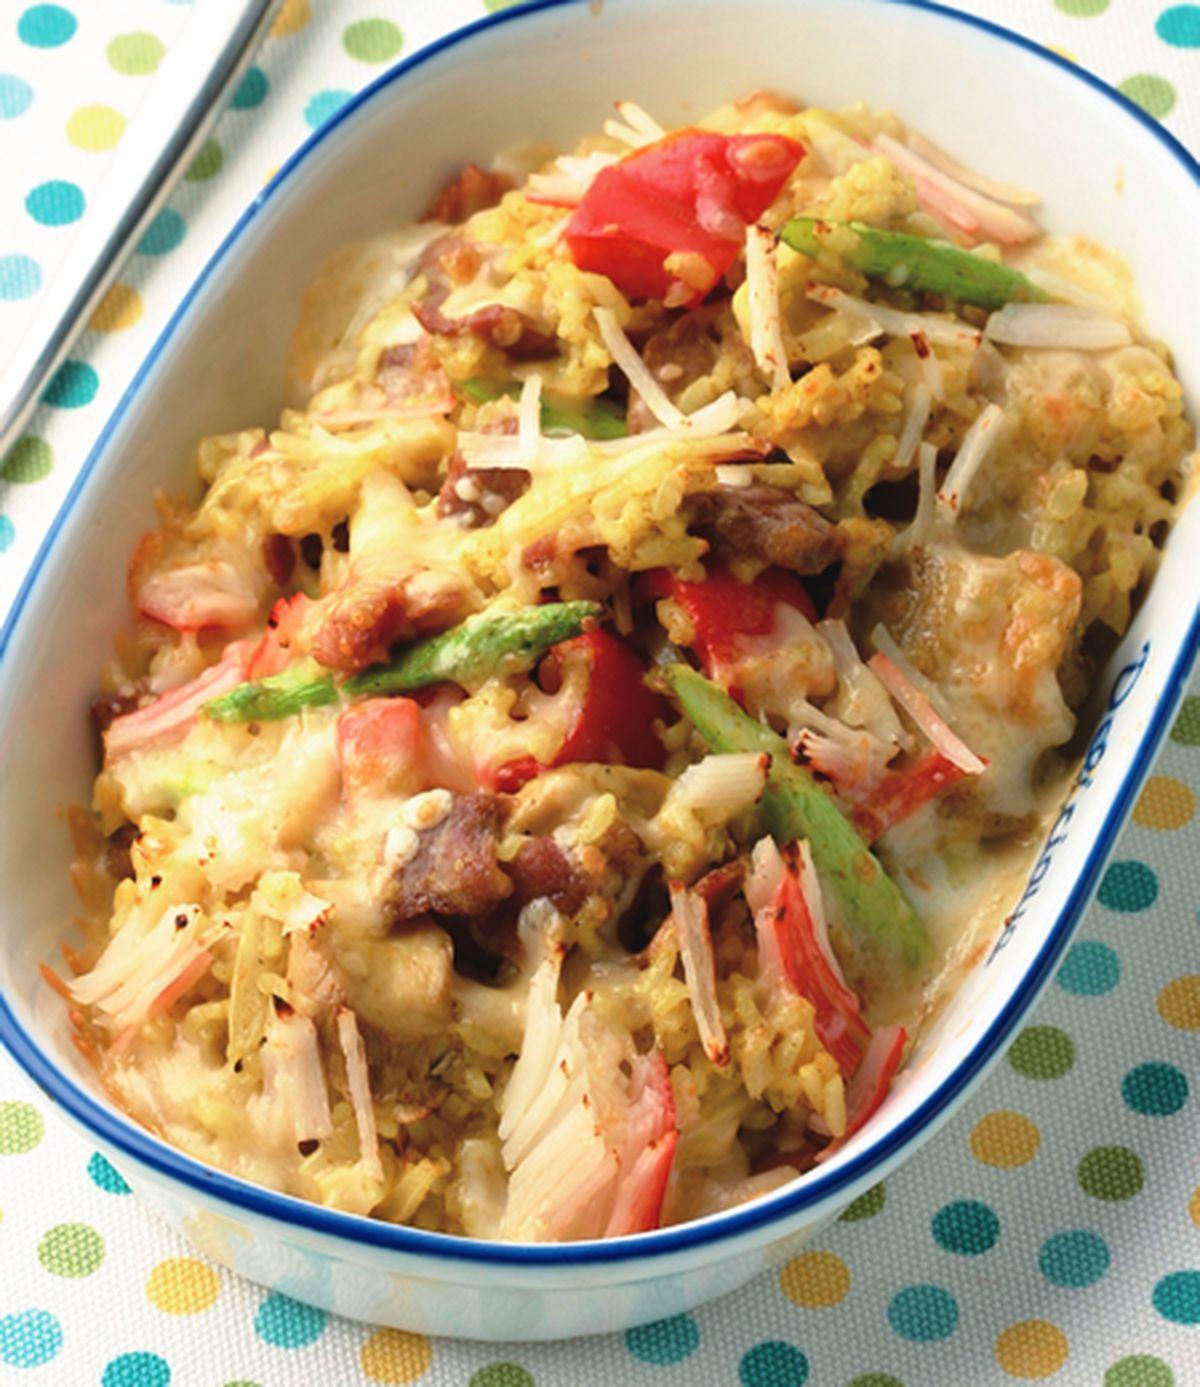 食譜:咖哩培根蟹肉焗飯